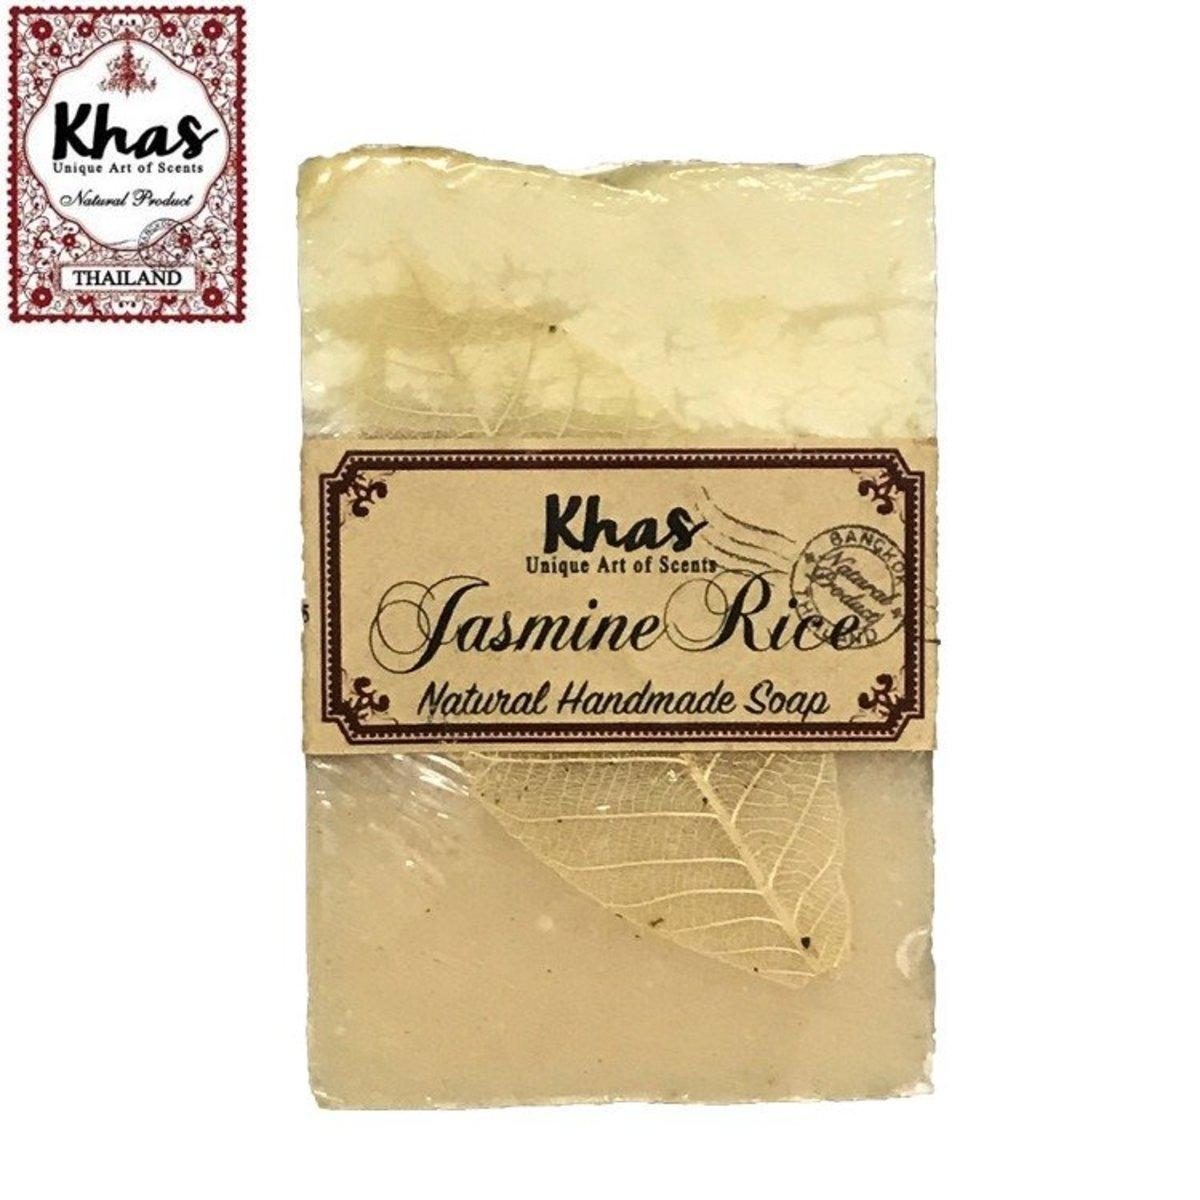 Khas handmade soap (jasmine and rice)